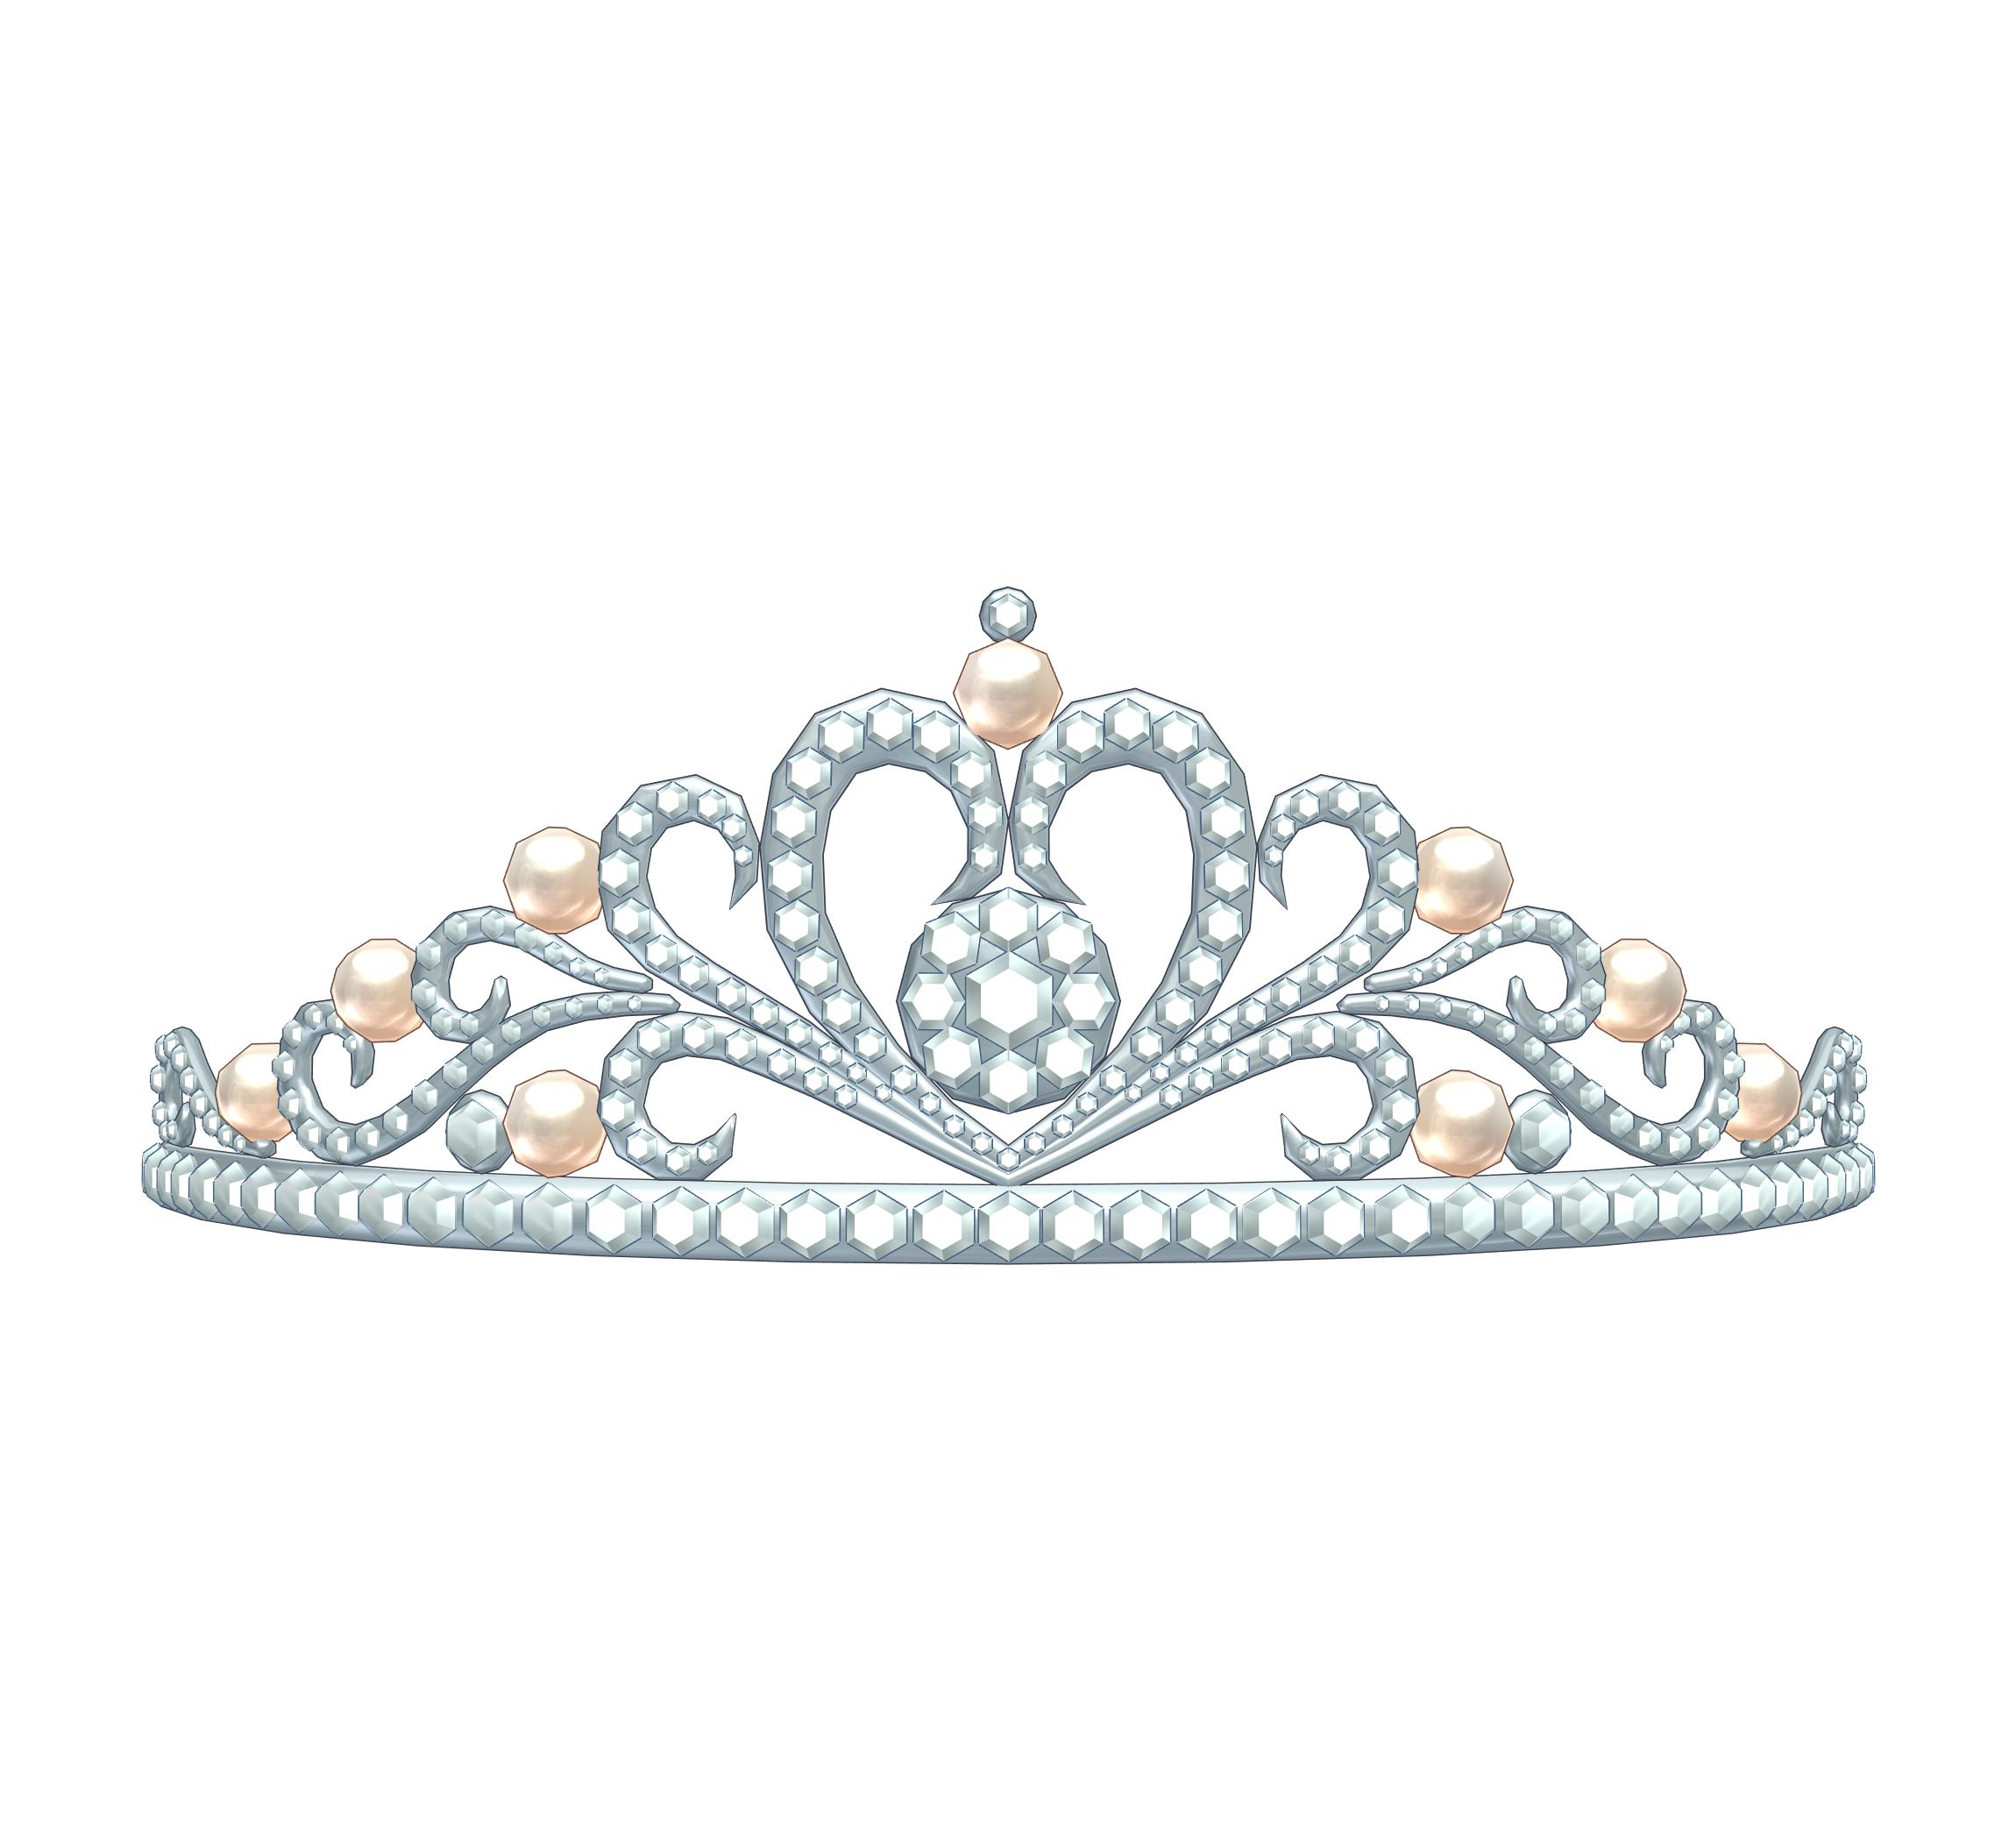 Diamond clipart princess crown. Tiara png hd transparent